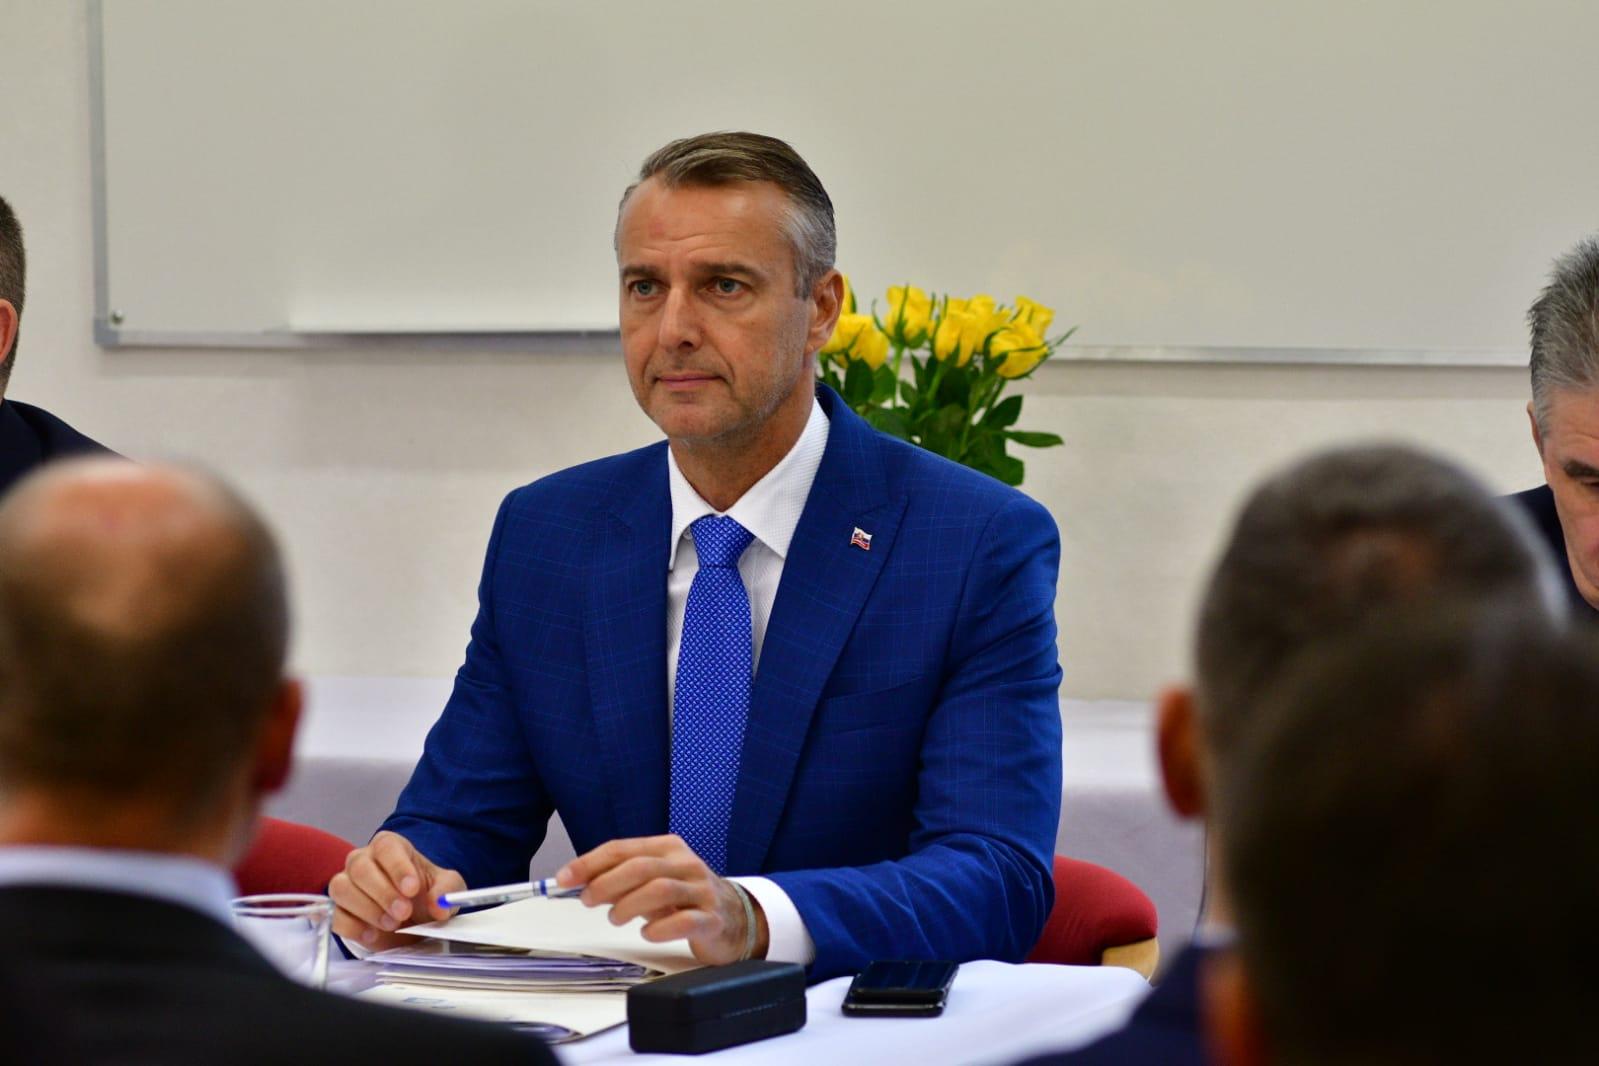 Vláda: Schválila akčný plán okresu Levoča, plánuje vytvoriť 515 pracovných miest